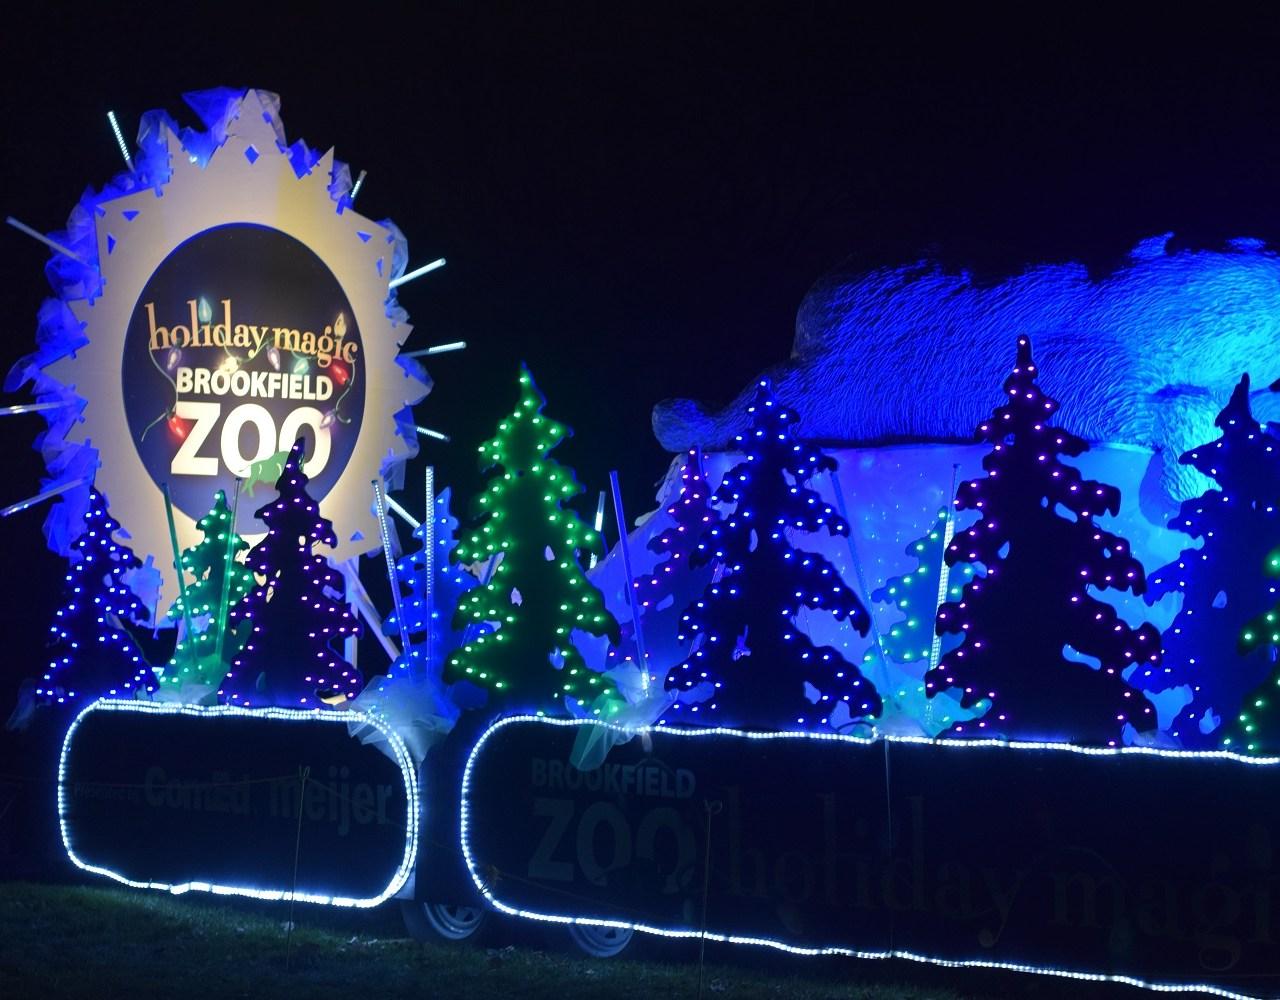 Holiday Magic Experience at Brookfield Zoo